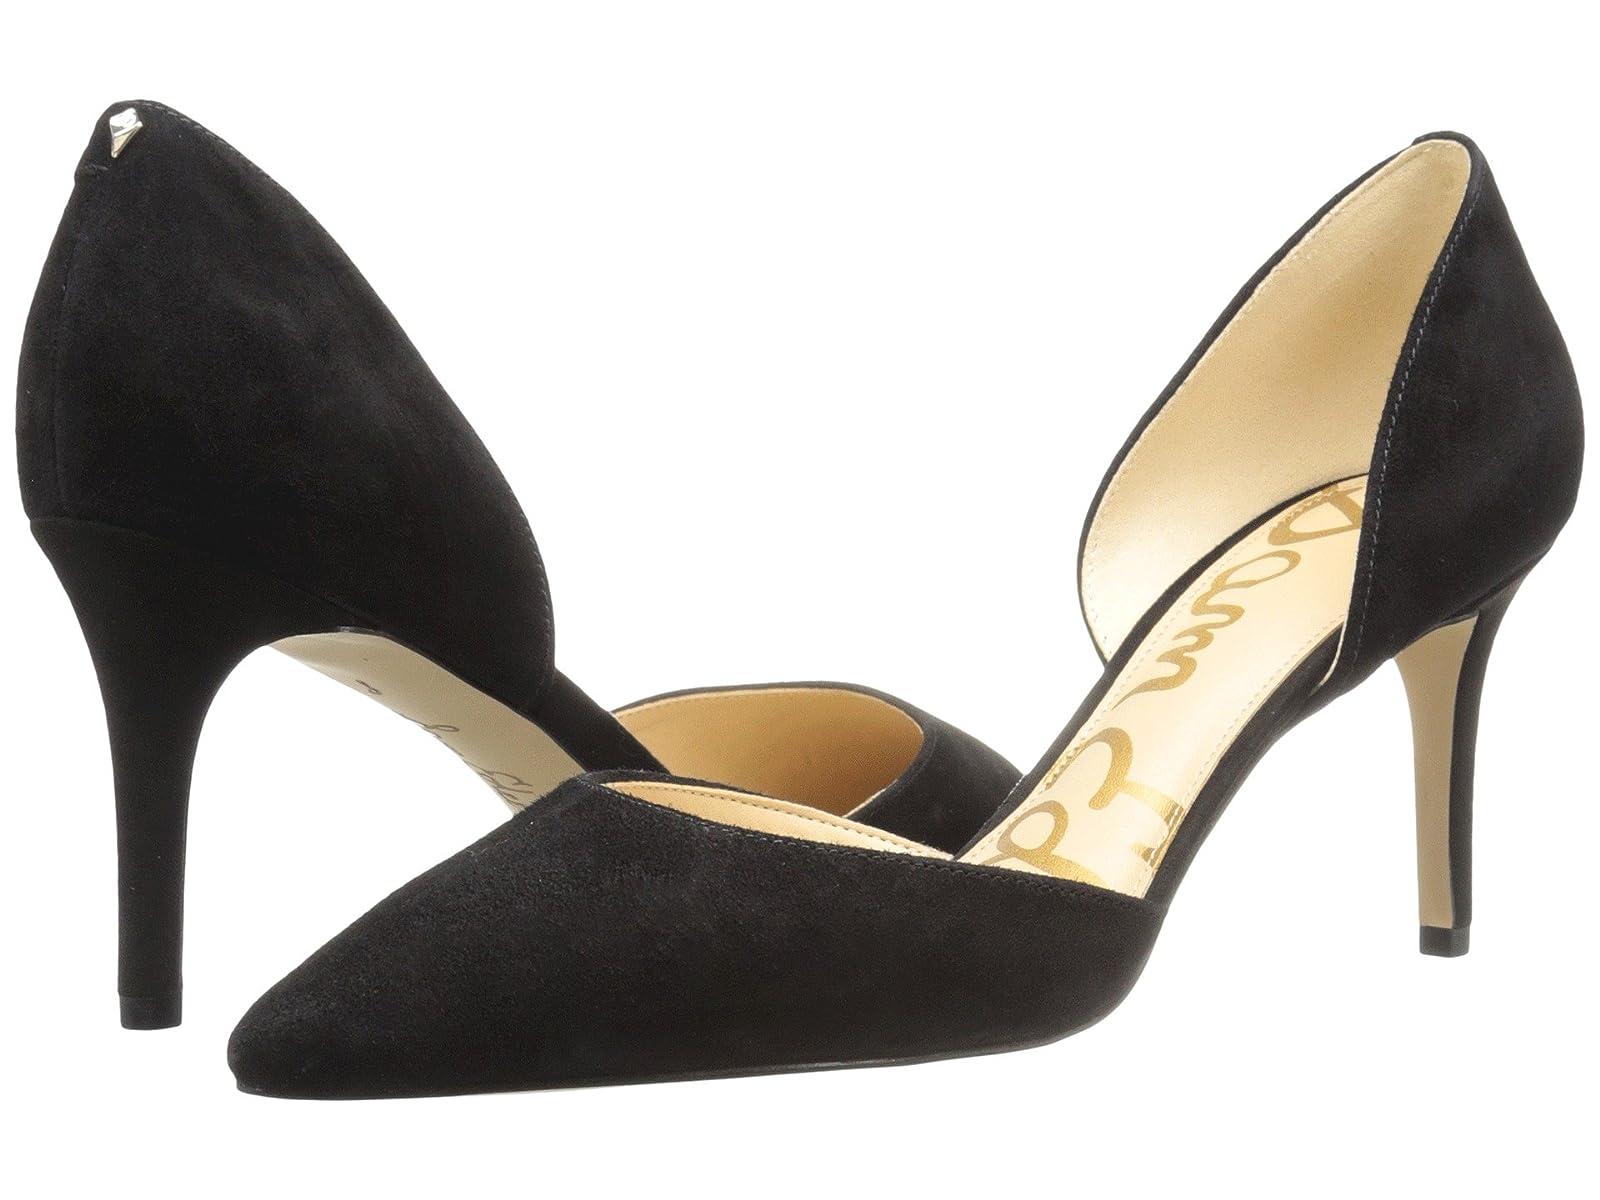 Sam Edelman TelsaCheap and distinctive eye-catching shoes